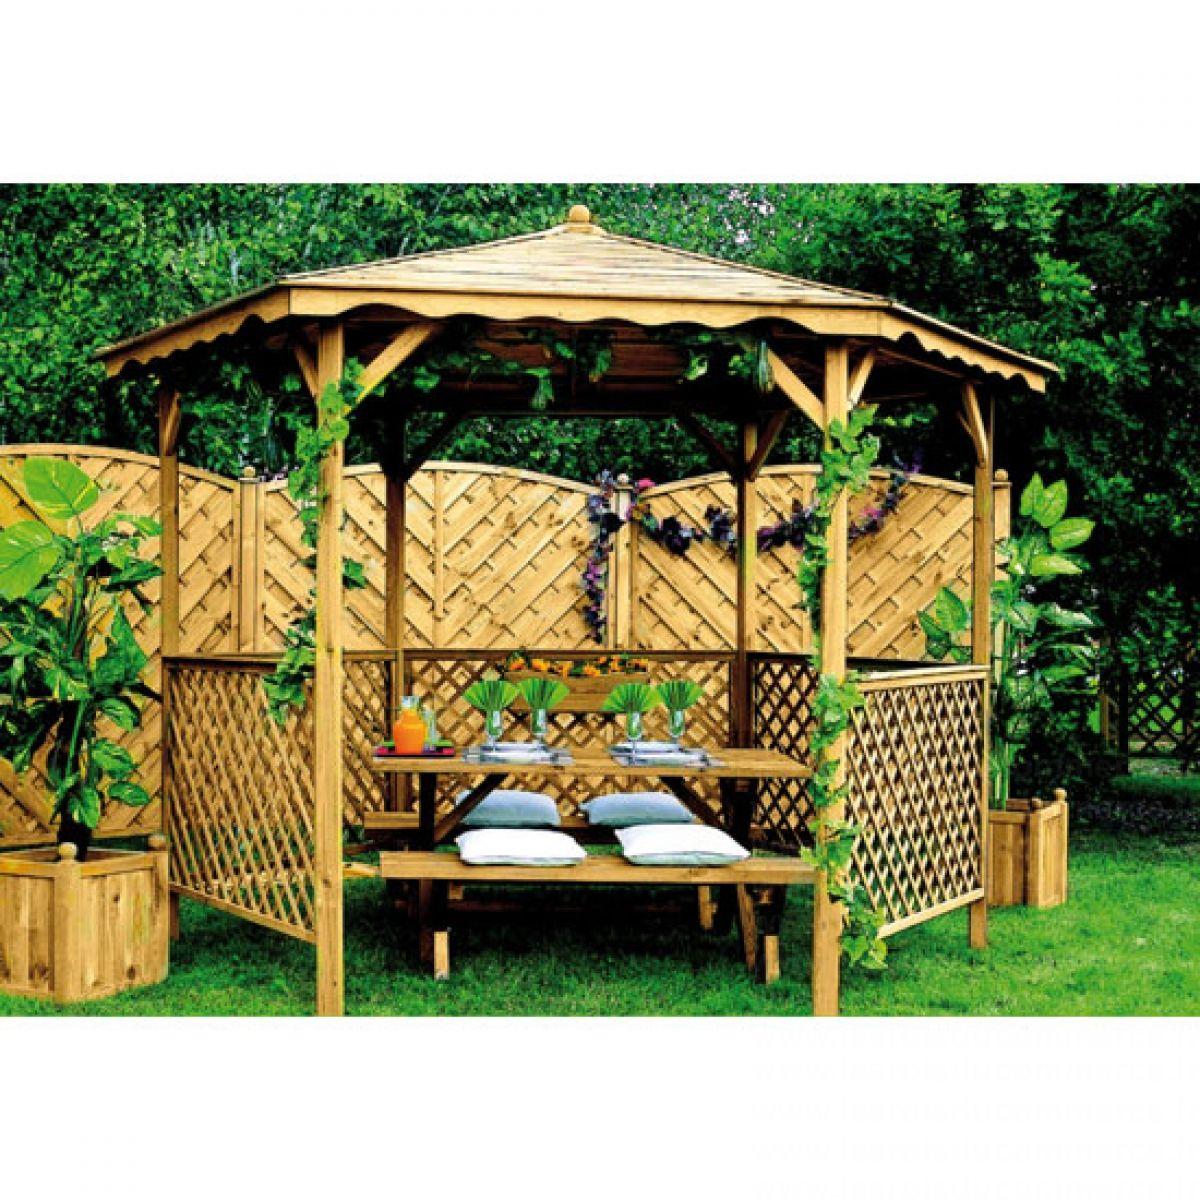 Kiosque De Jardin   Kiosque Jardin, Jardins En Bois Et ... pour Kiosque De Jardin En Bois Pas Cher